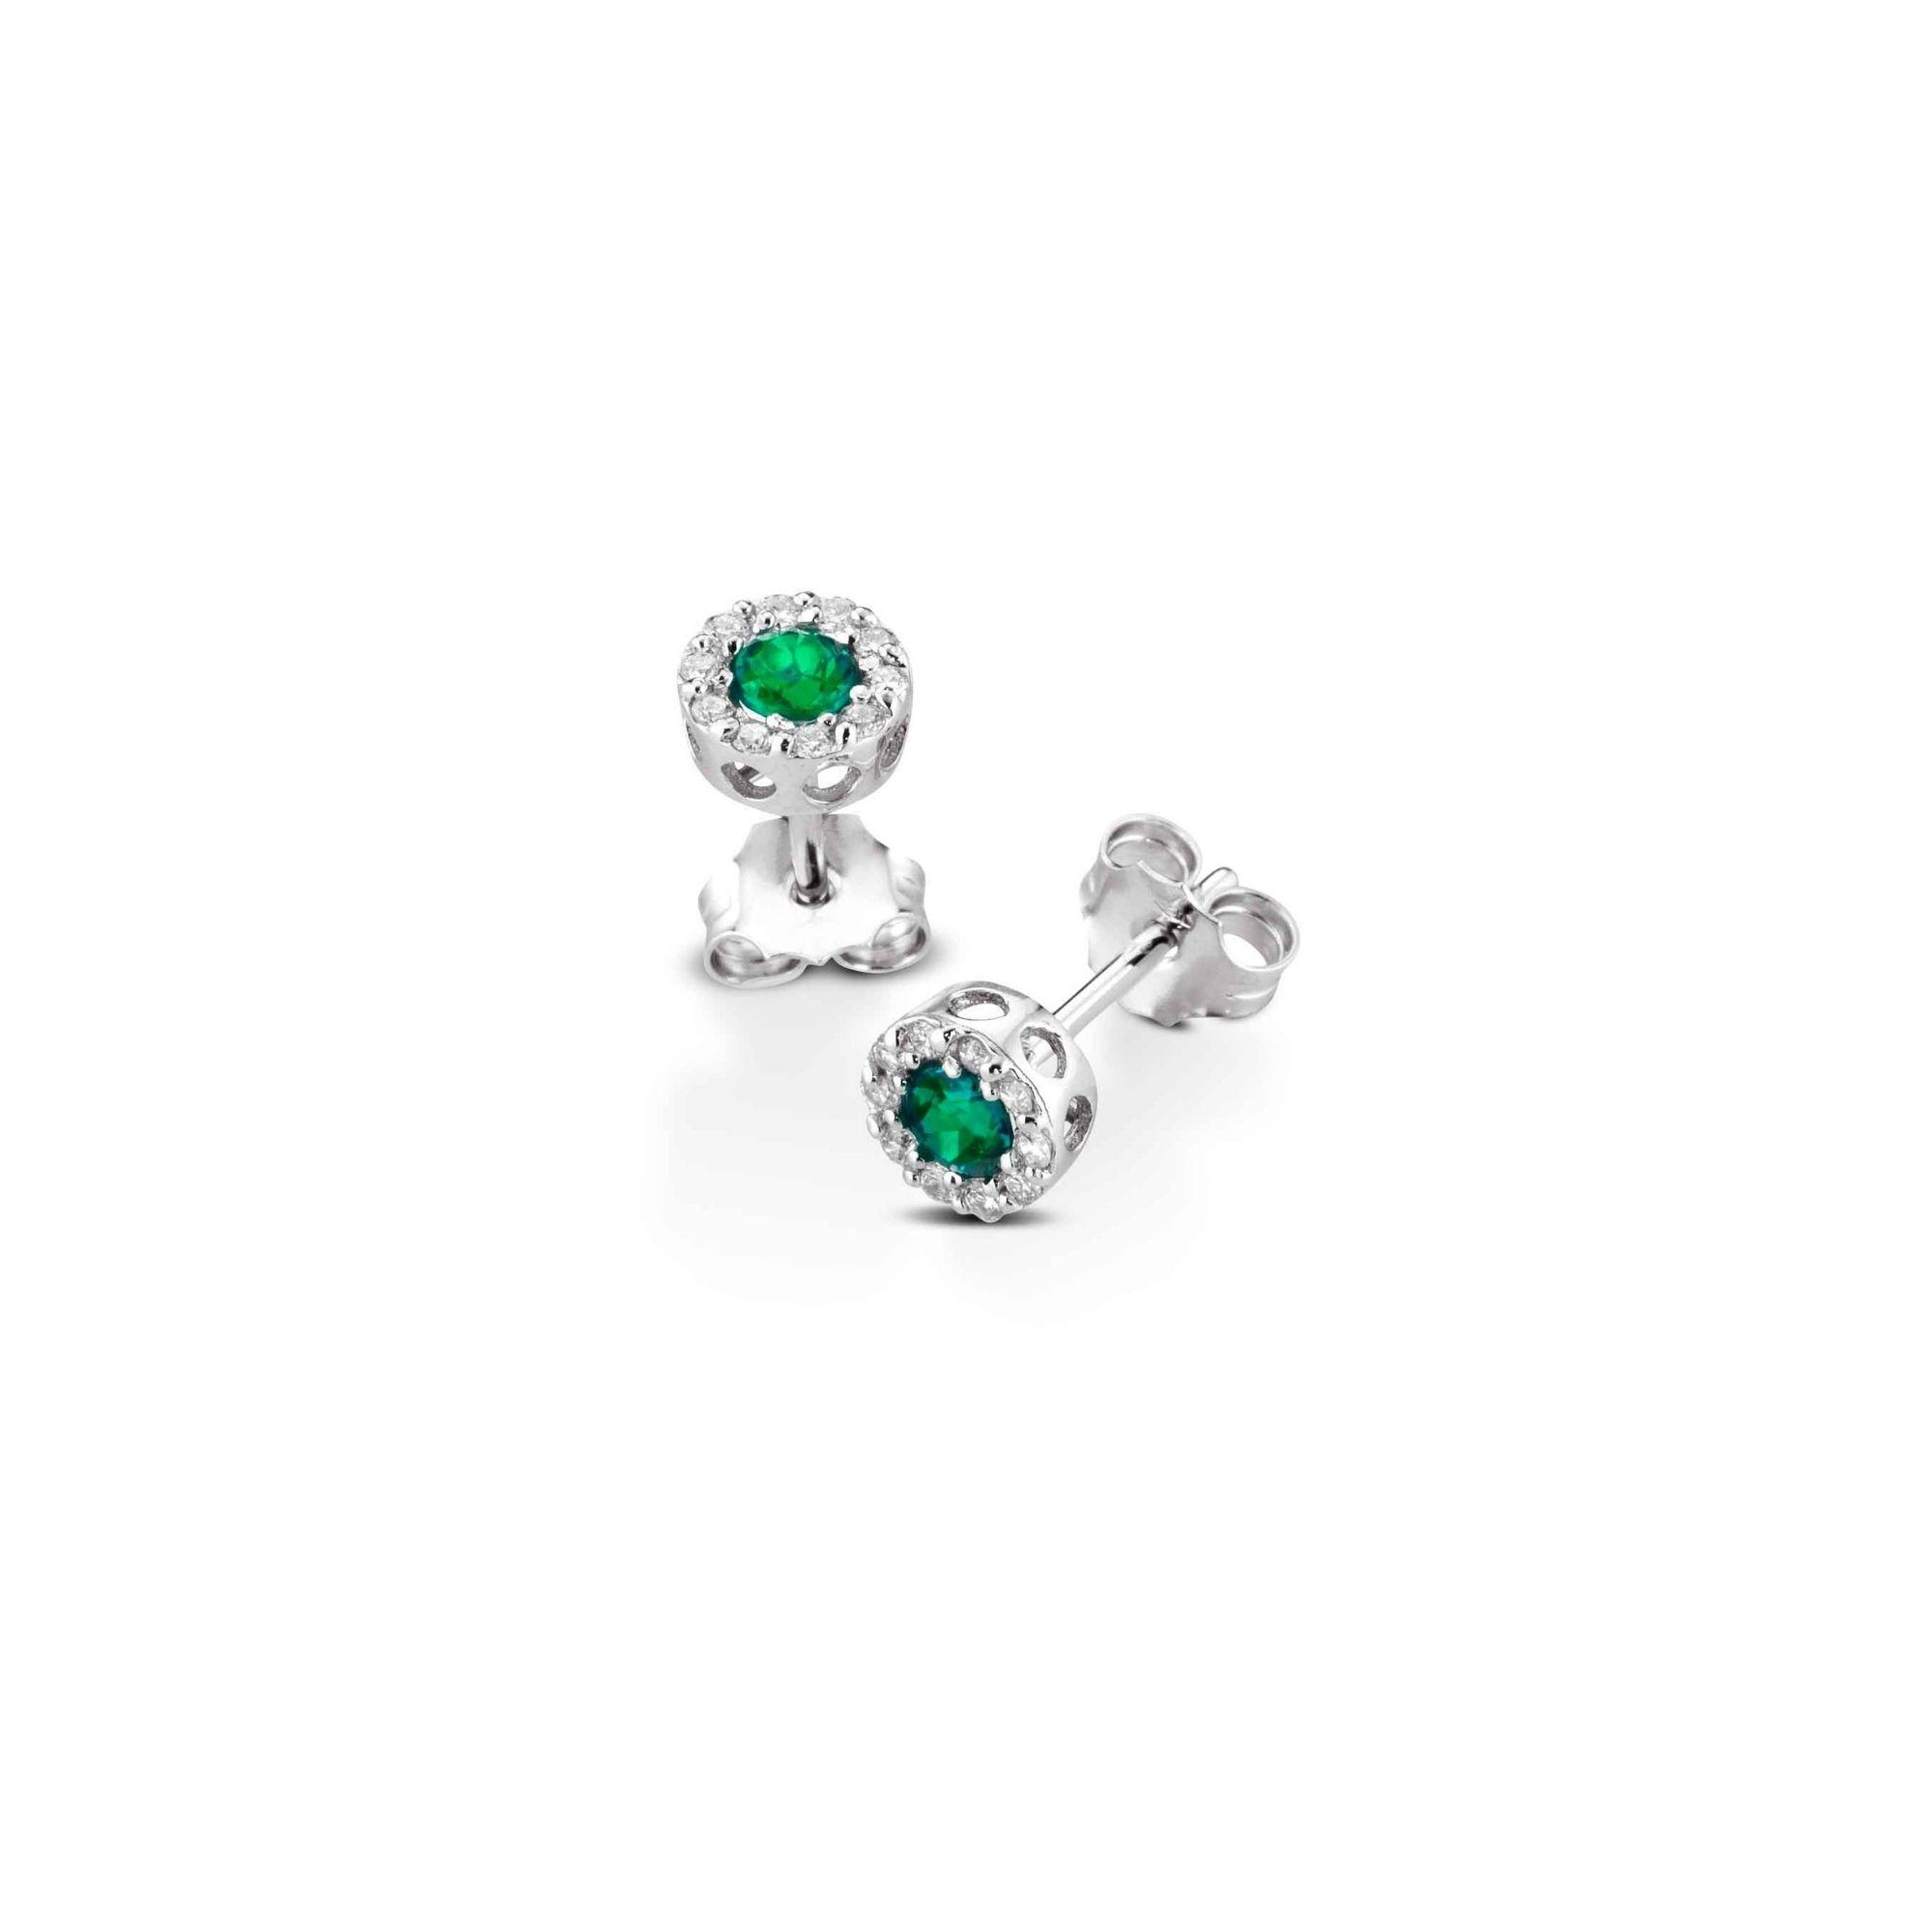 Orecchini al lobo con smeraldi e diamanti Lobe earrings with emeralds and diamonds